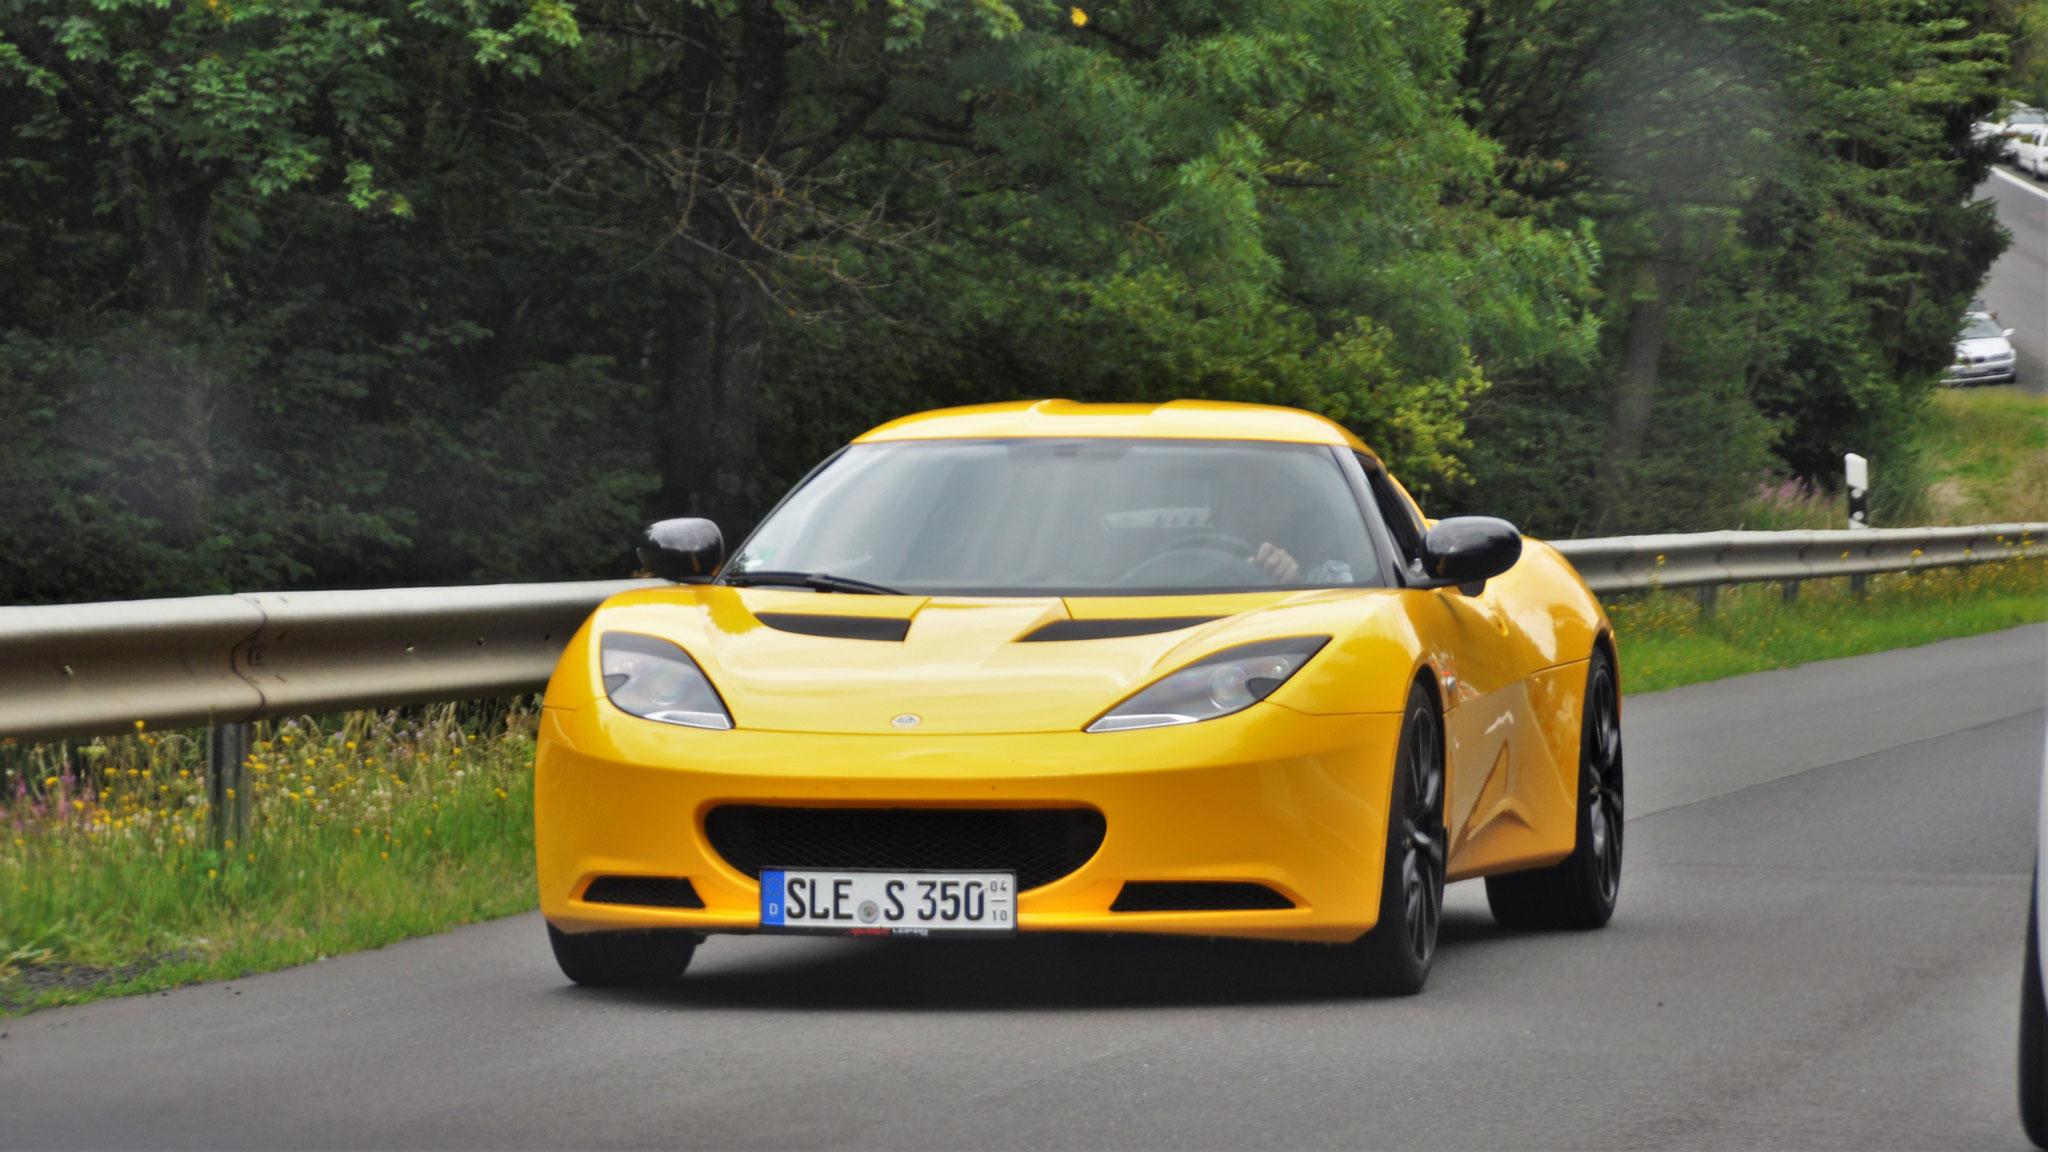 Lotus Evora - SLE-S-350